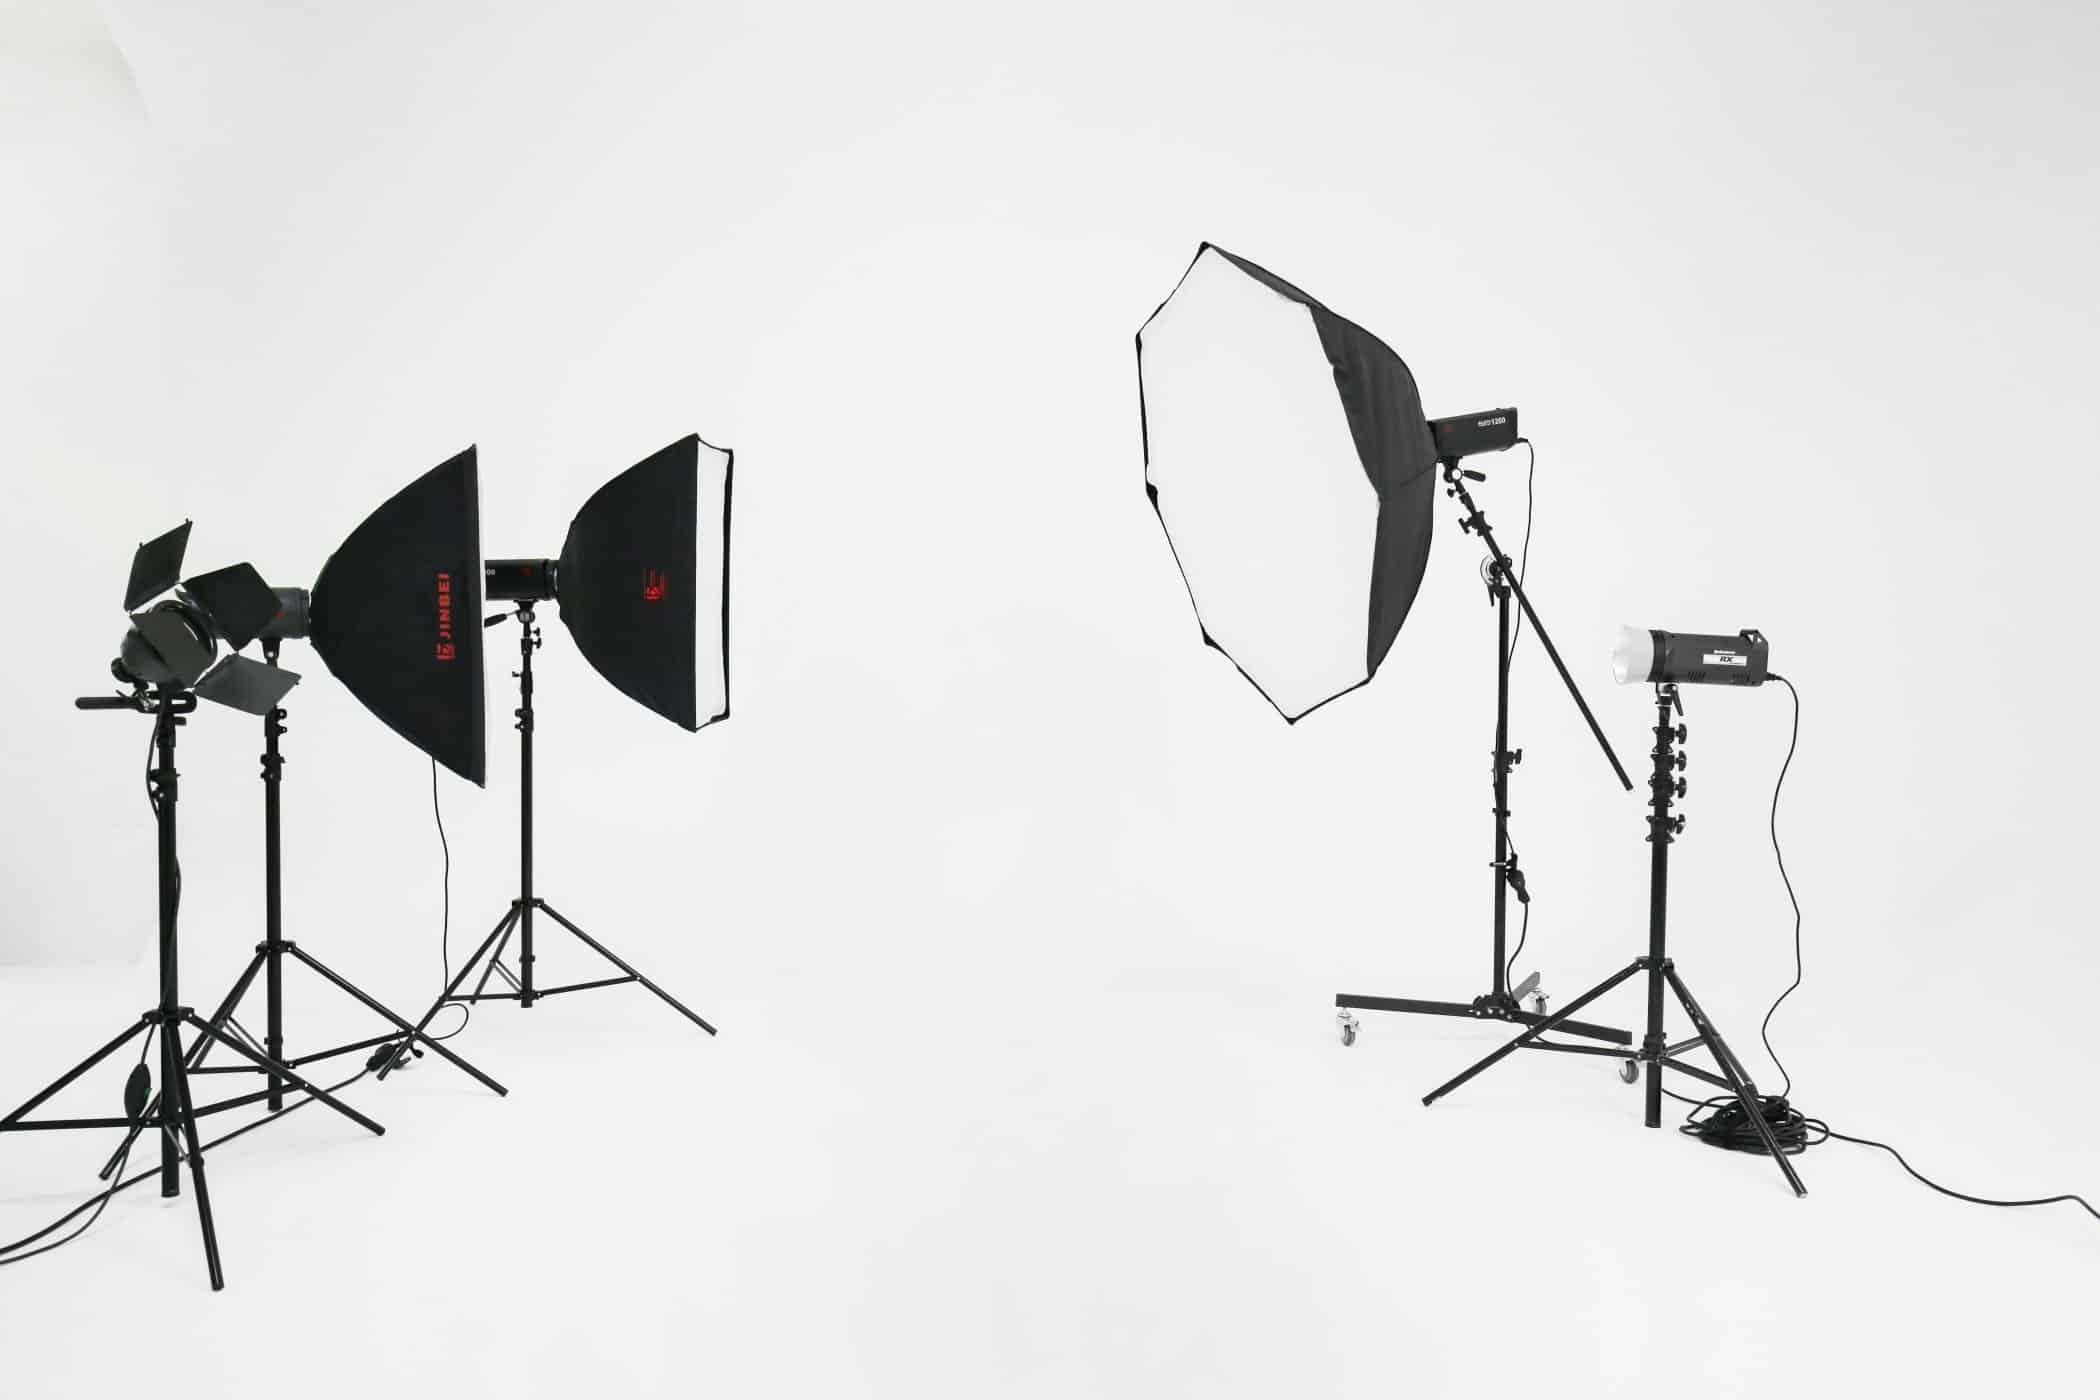 affitto-studio-fotografico-sala-pose-postazione-makeup-luci-per-servizi-fotografici-video-riprese (5)